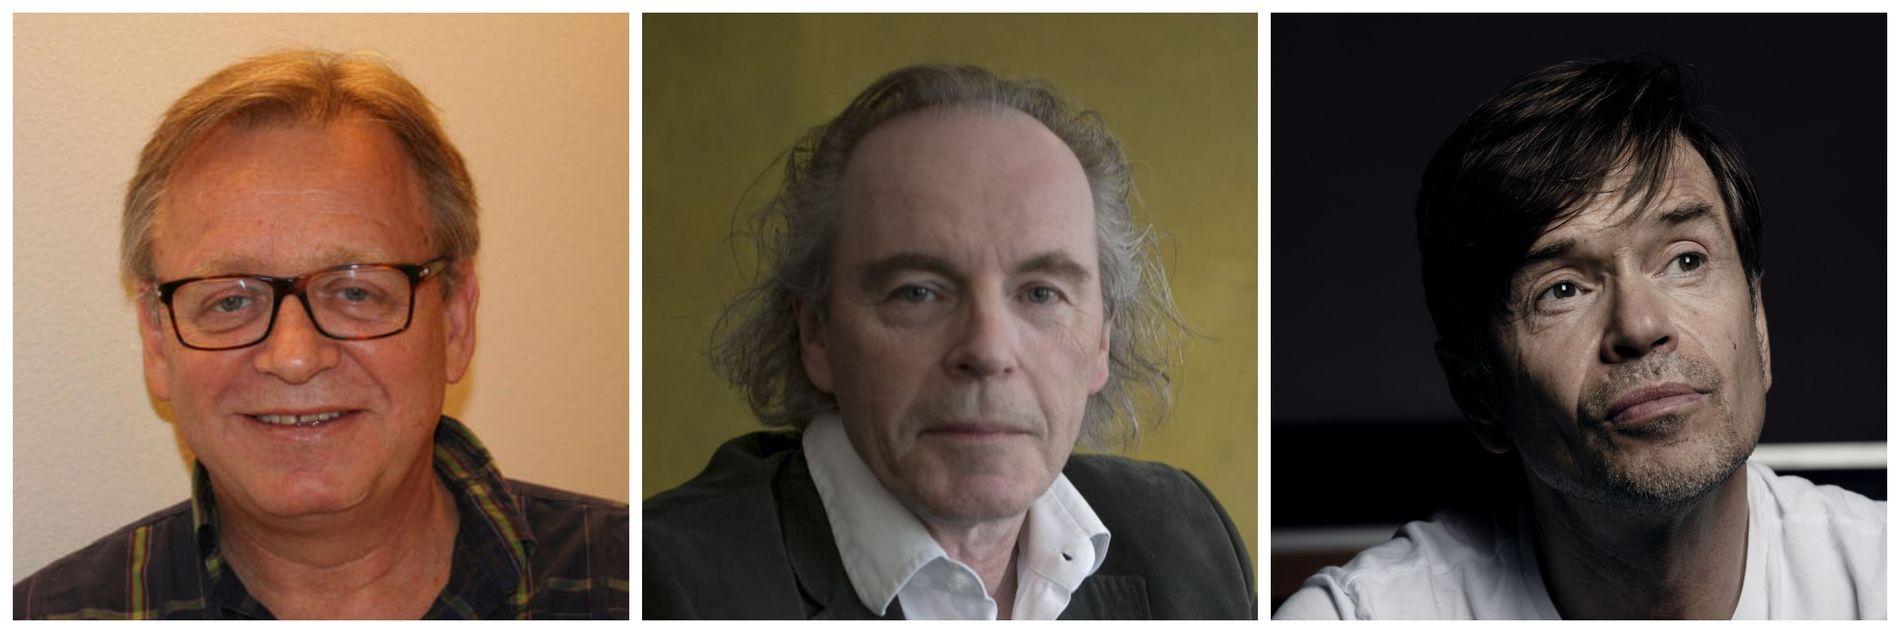 TVEDT-DEBATTEN: –  Kjetil Rolness (t.h.) har investert tungt i å promotere Tvedts bok siden den kom ut, at han har grunn til å gjøre det igjen, skriver Jostein Gripsrud.